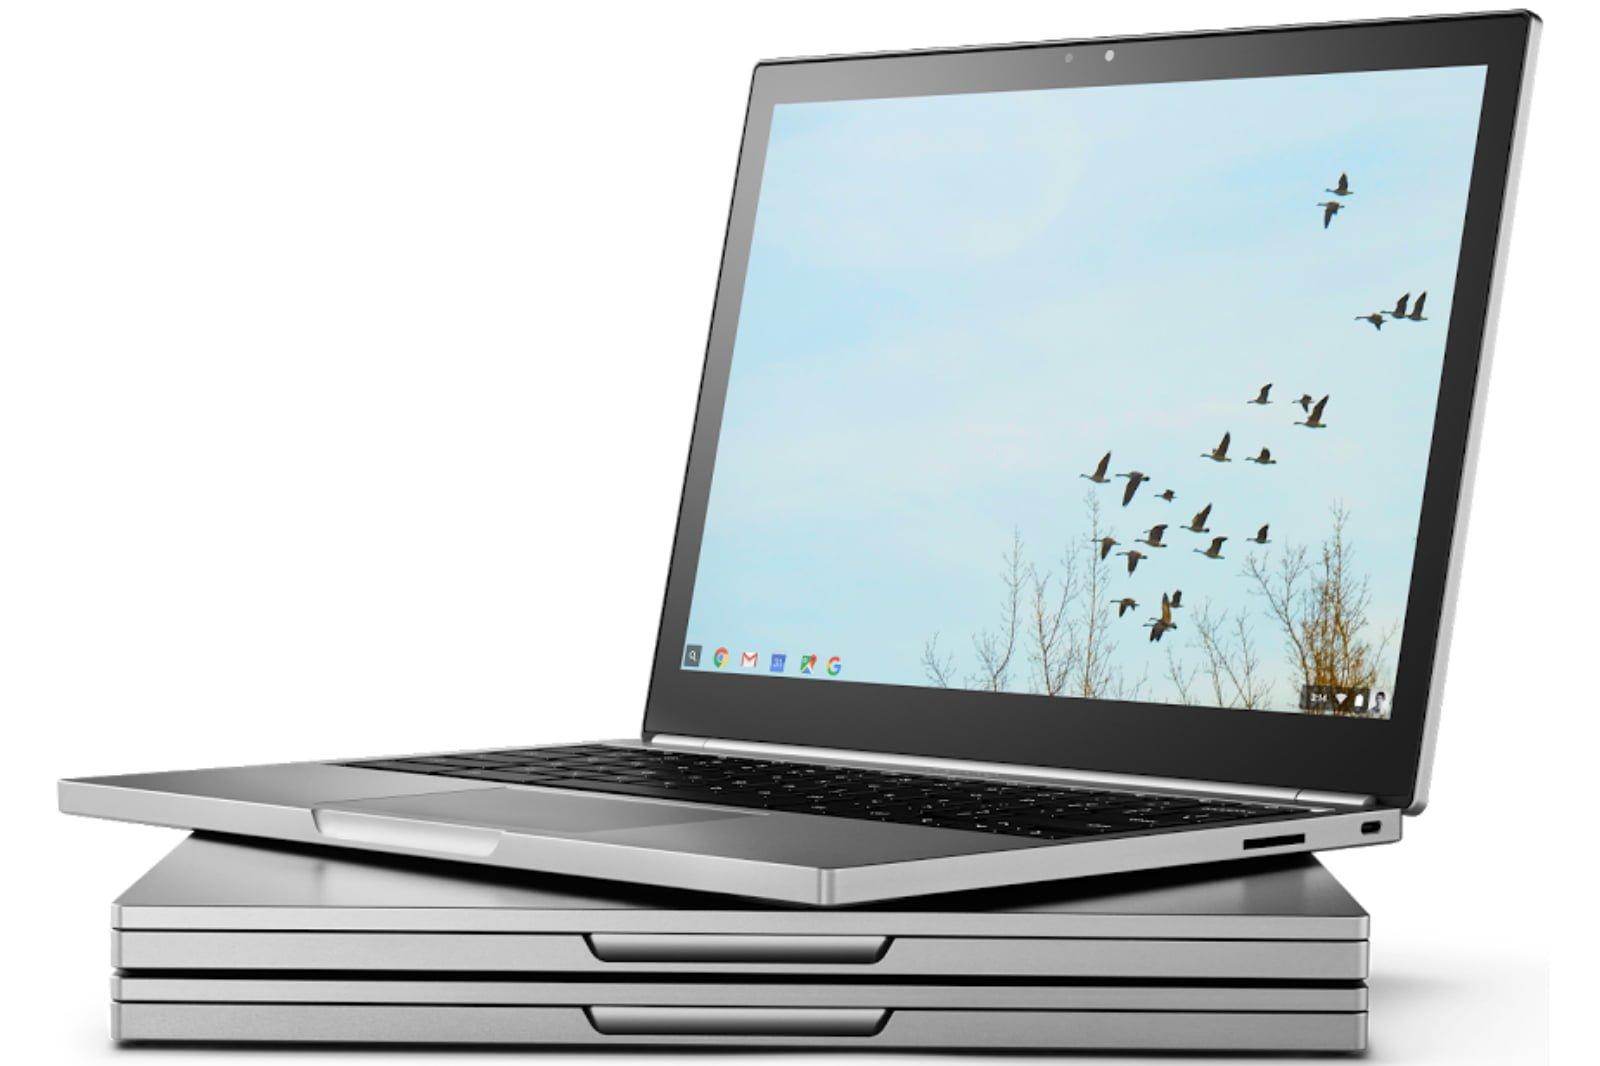 Tabletowo.pl Oprócz nowych Pixeli, w tym roku możemy zobaczyć jeszcze Chromebooka i mniejsze Google Home Google Plotki / Przecieki Smart Home Sprzęt